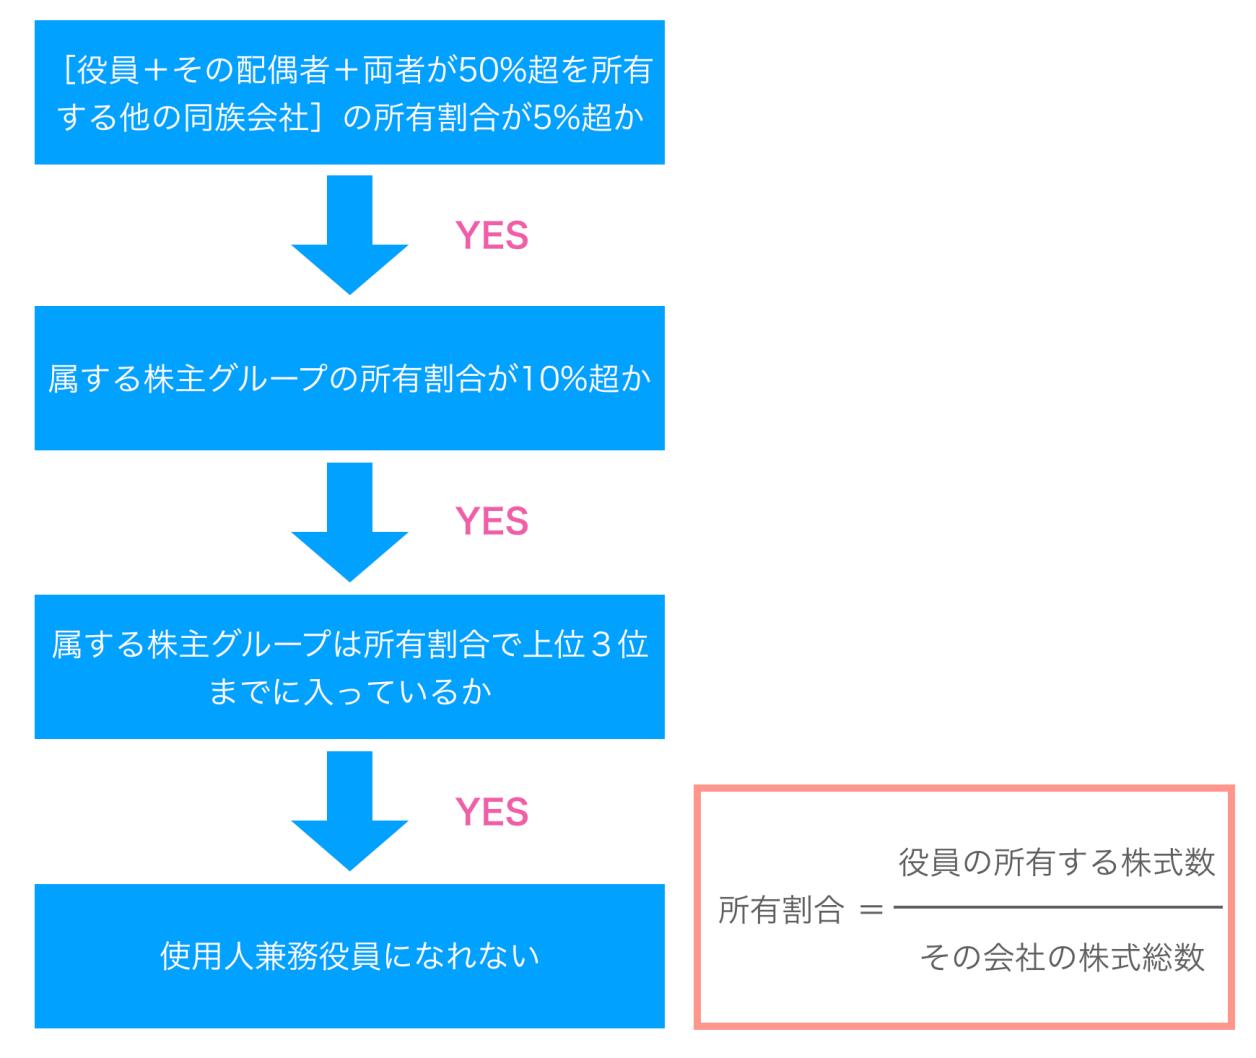 使用人兼務役員判定フローチャート 図解